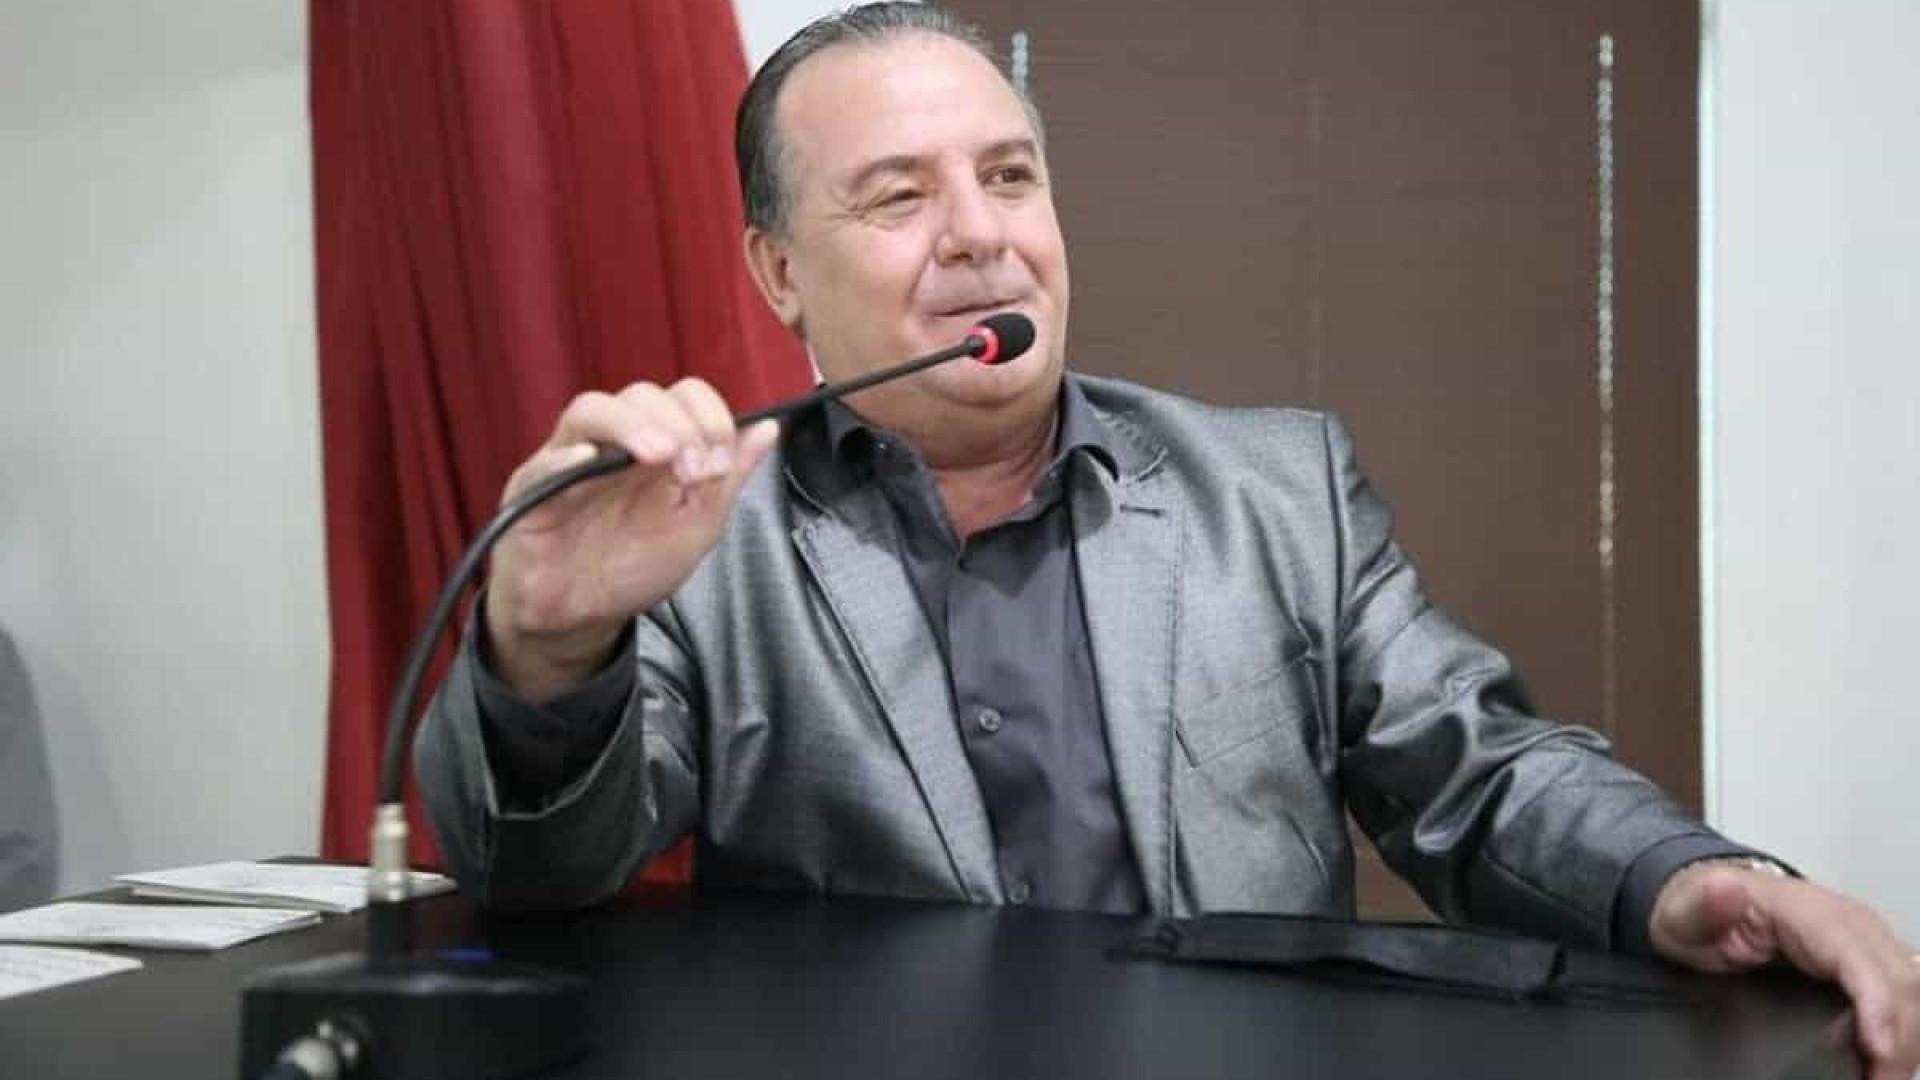 Morre de covid deputado estadual de MT contrário à obrigatoriedade da vacina